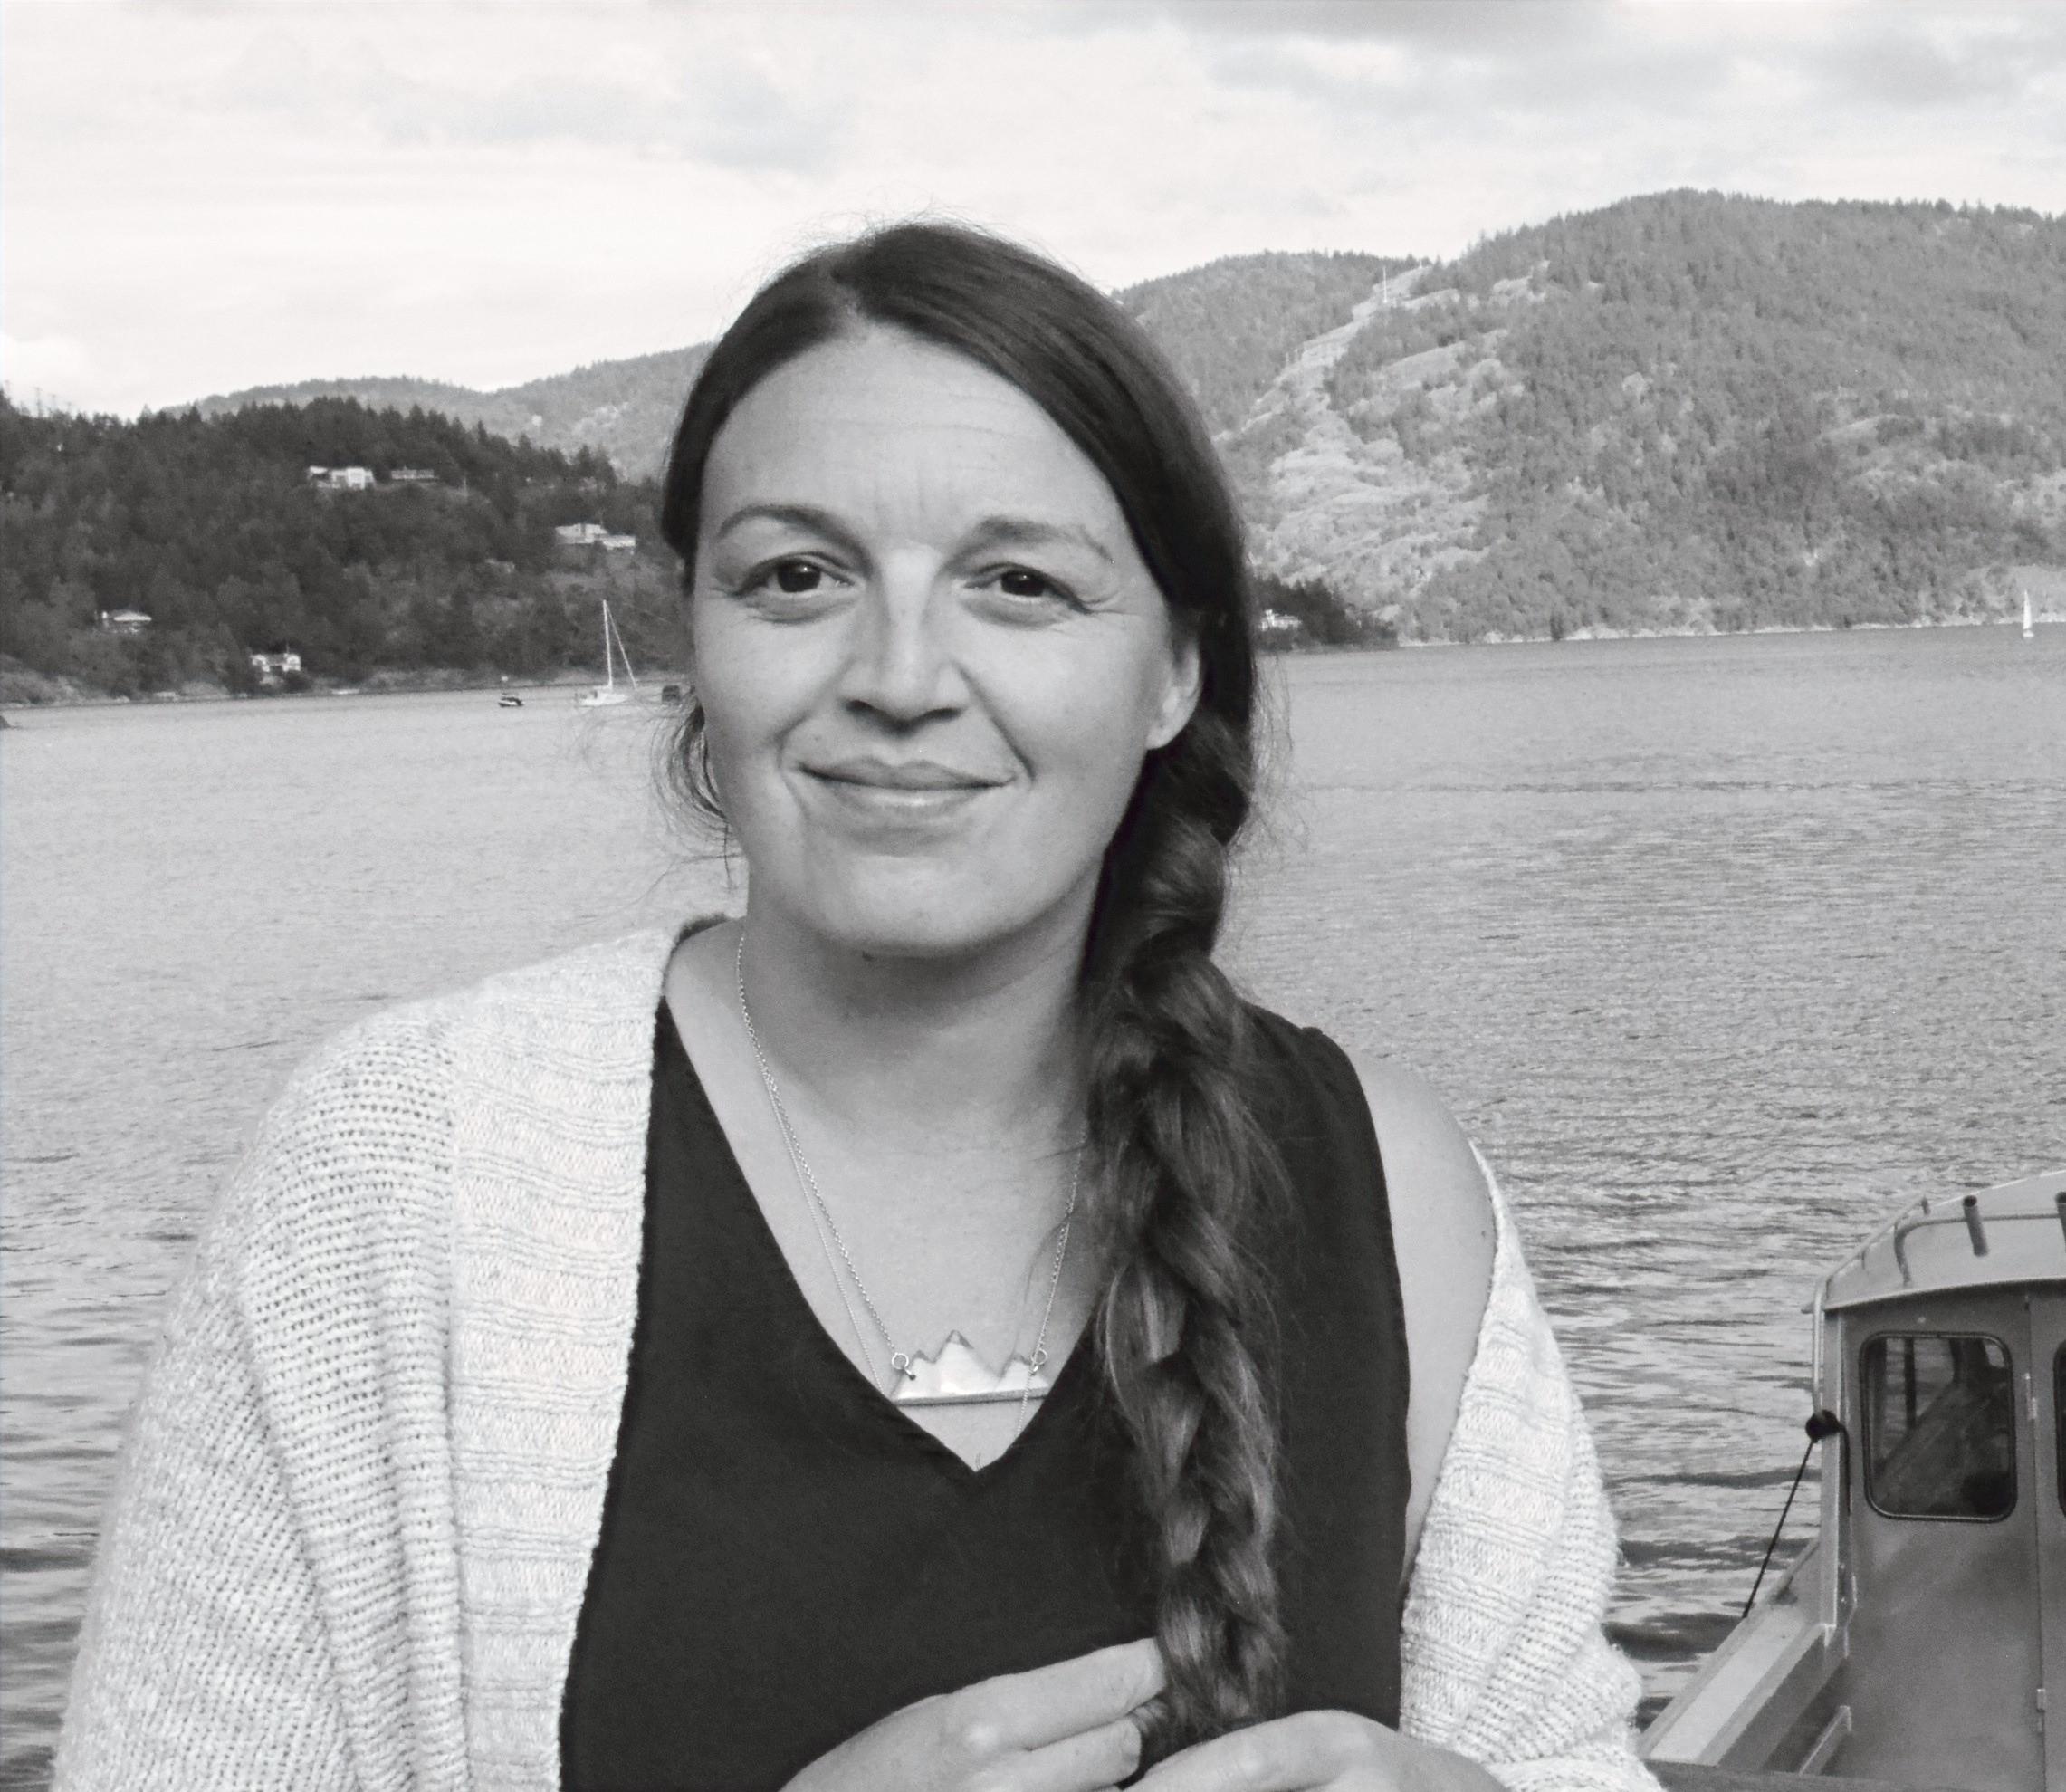 Milah Smith, CCC